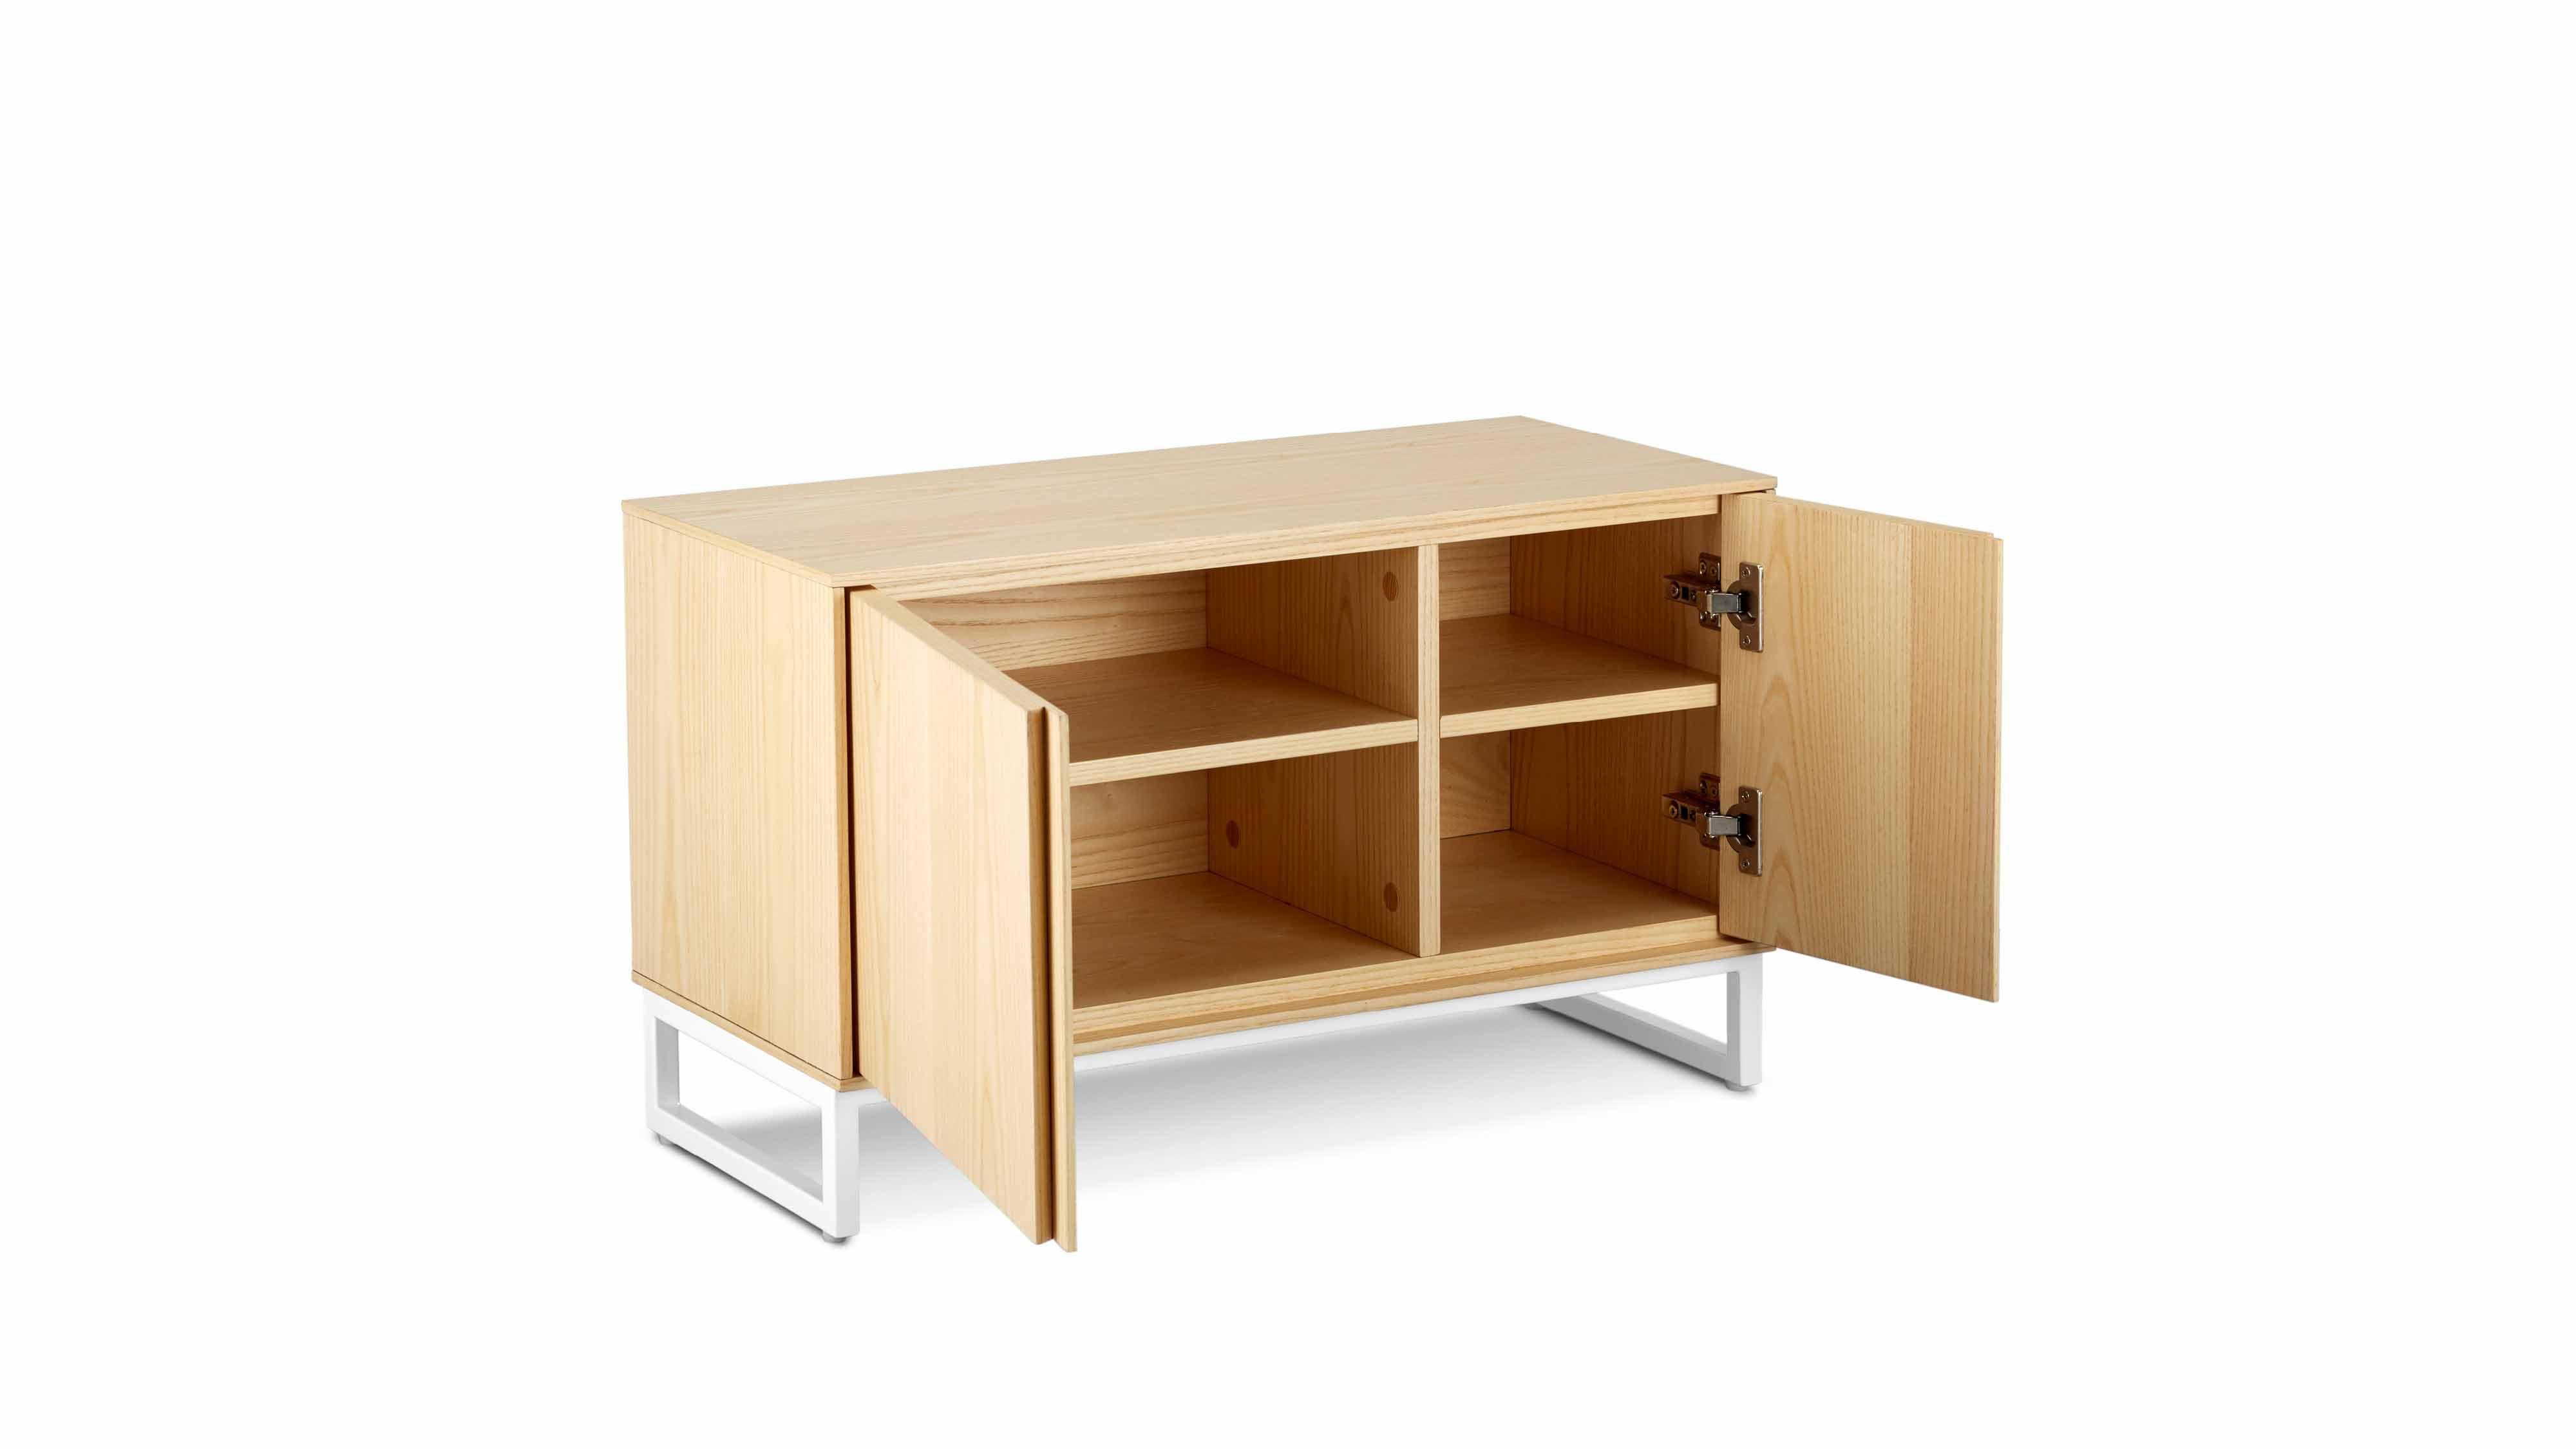 """与造作""""画板套系""""的匿名性设计理念一脉相承,极简的线条,适中的体量,轻盈的姿态,温暖的木作质感,放在任意空间的低调鞋柜。?x-oss-process=image/format,jpg/interlace,1"""